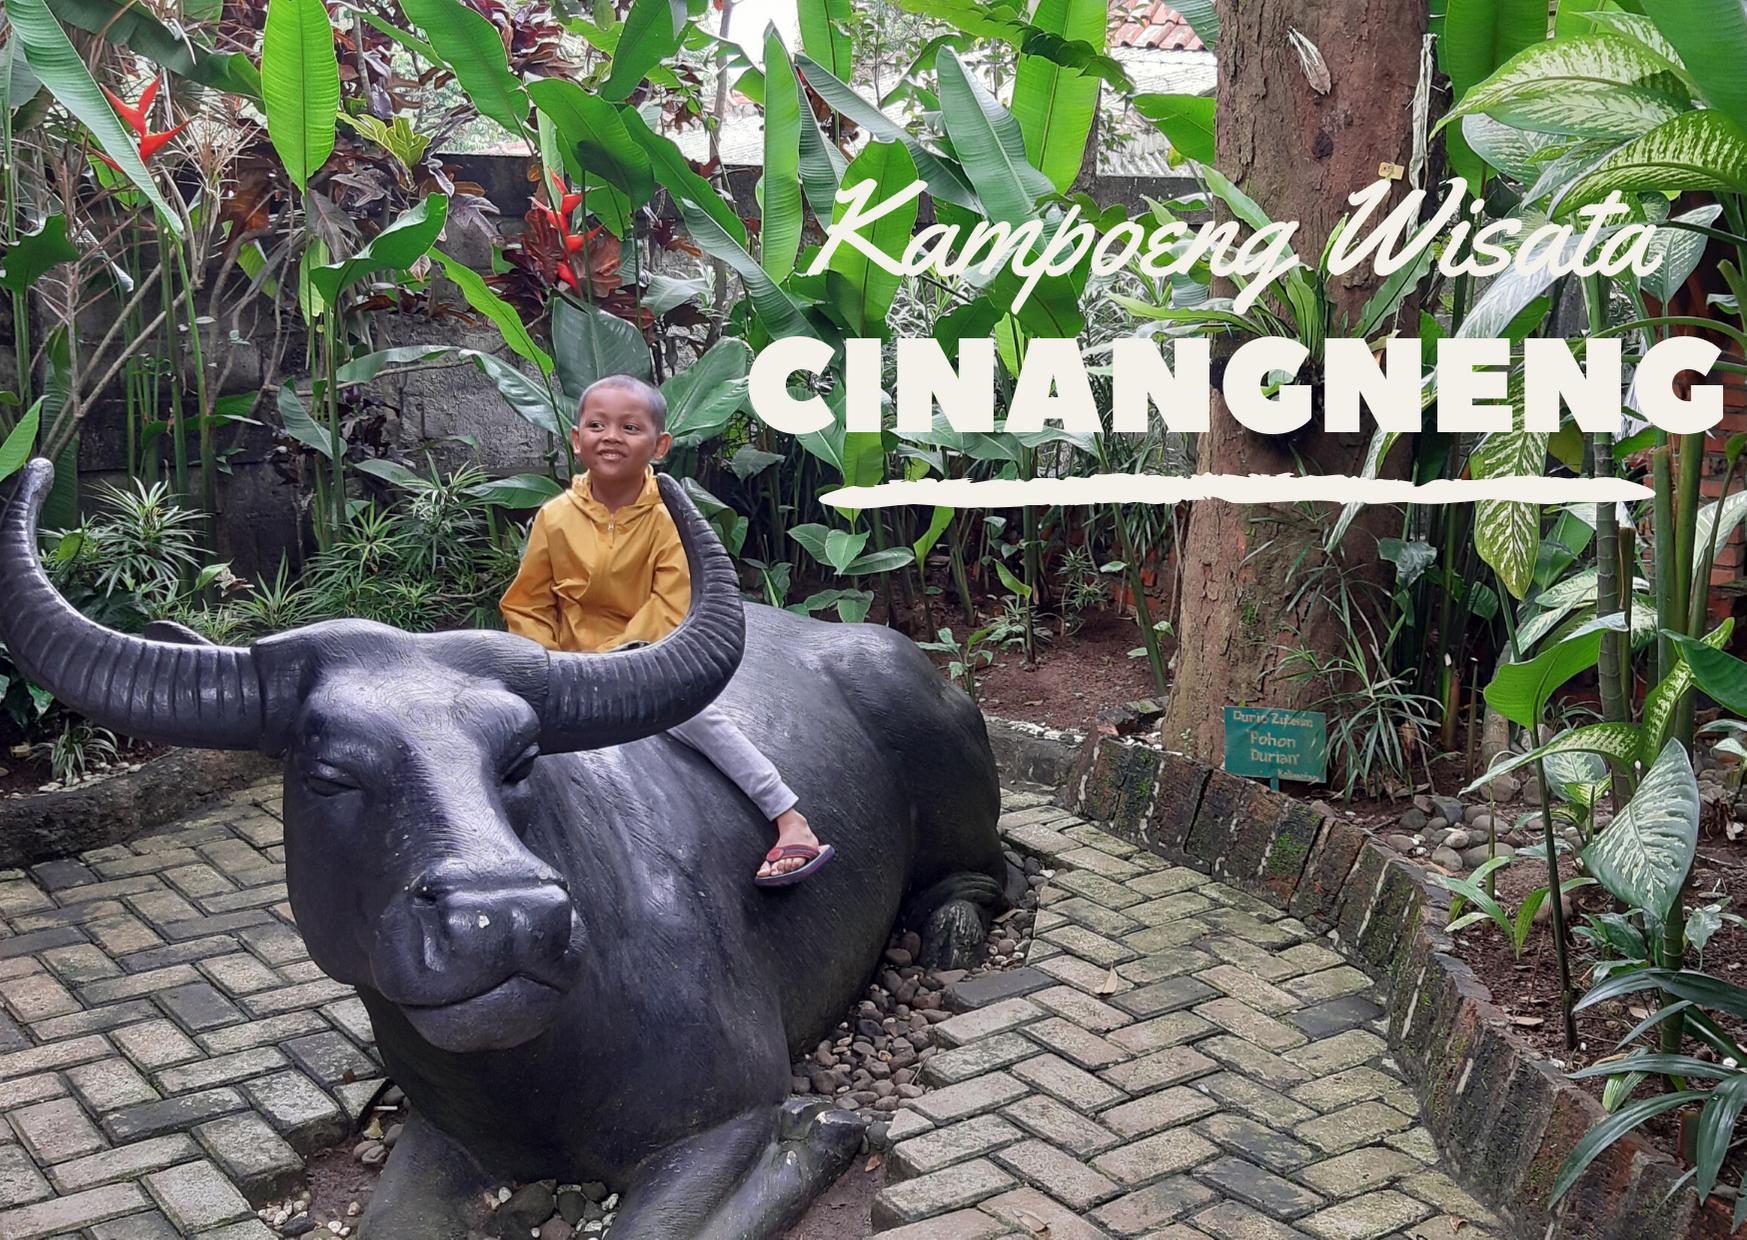 Road Trip Akhir Tahun: Kampoeng Wisata Cinangneng  The Science of